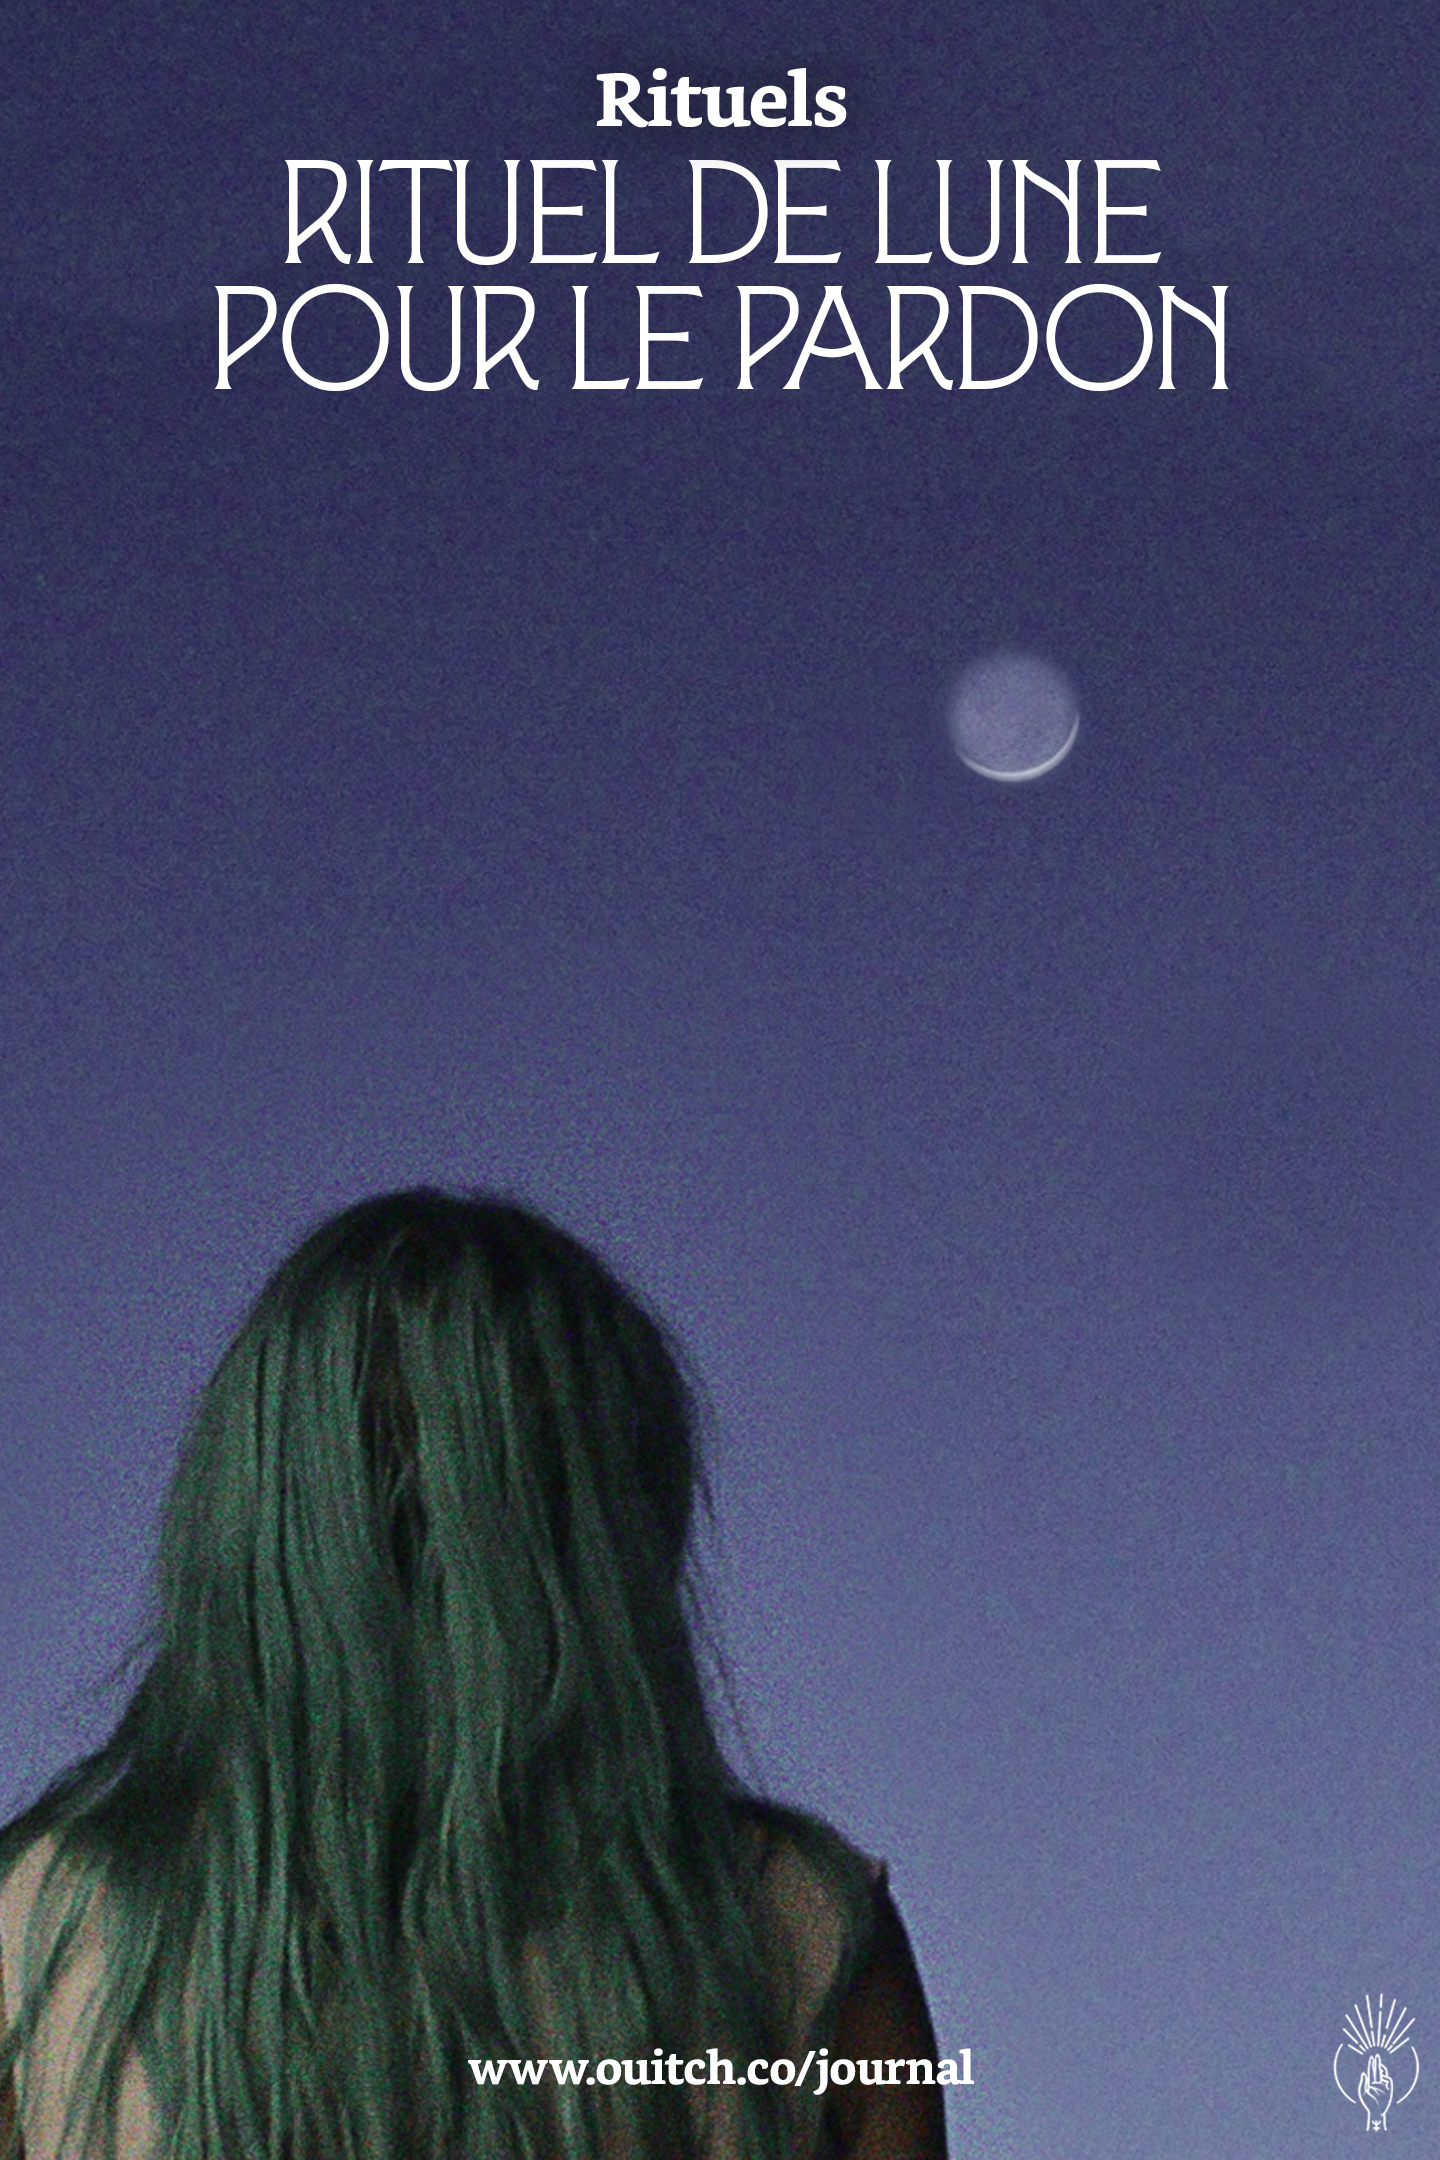 Cover Pinterest Rituel de Lune pour le Pardon.jpg